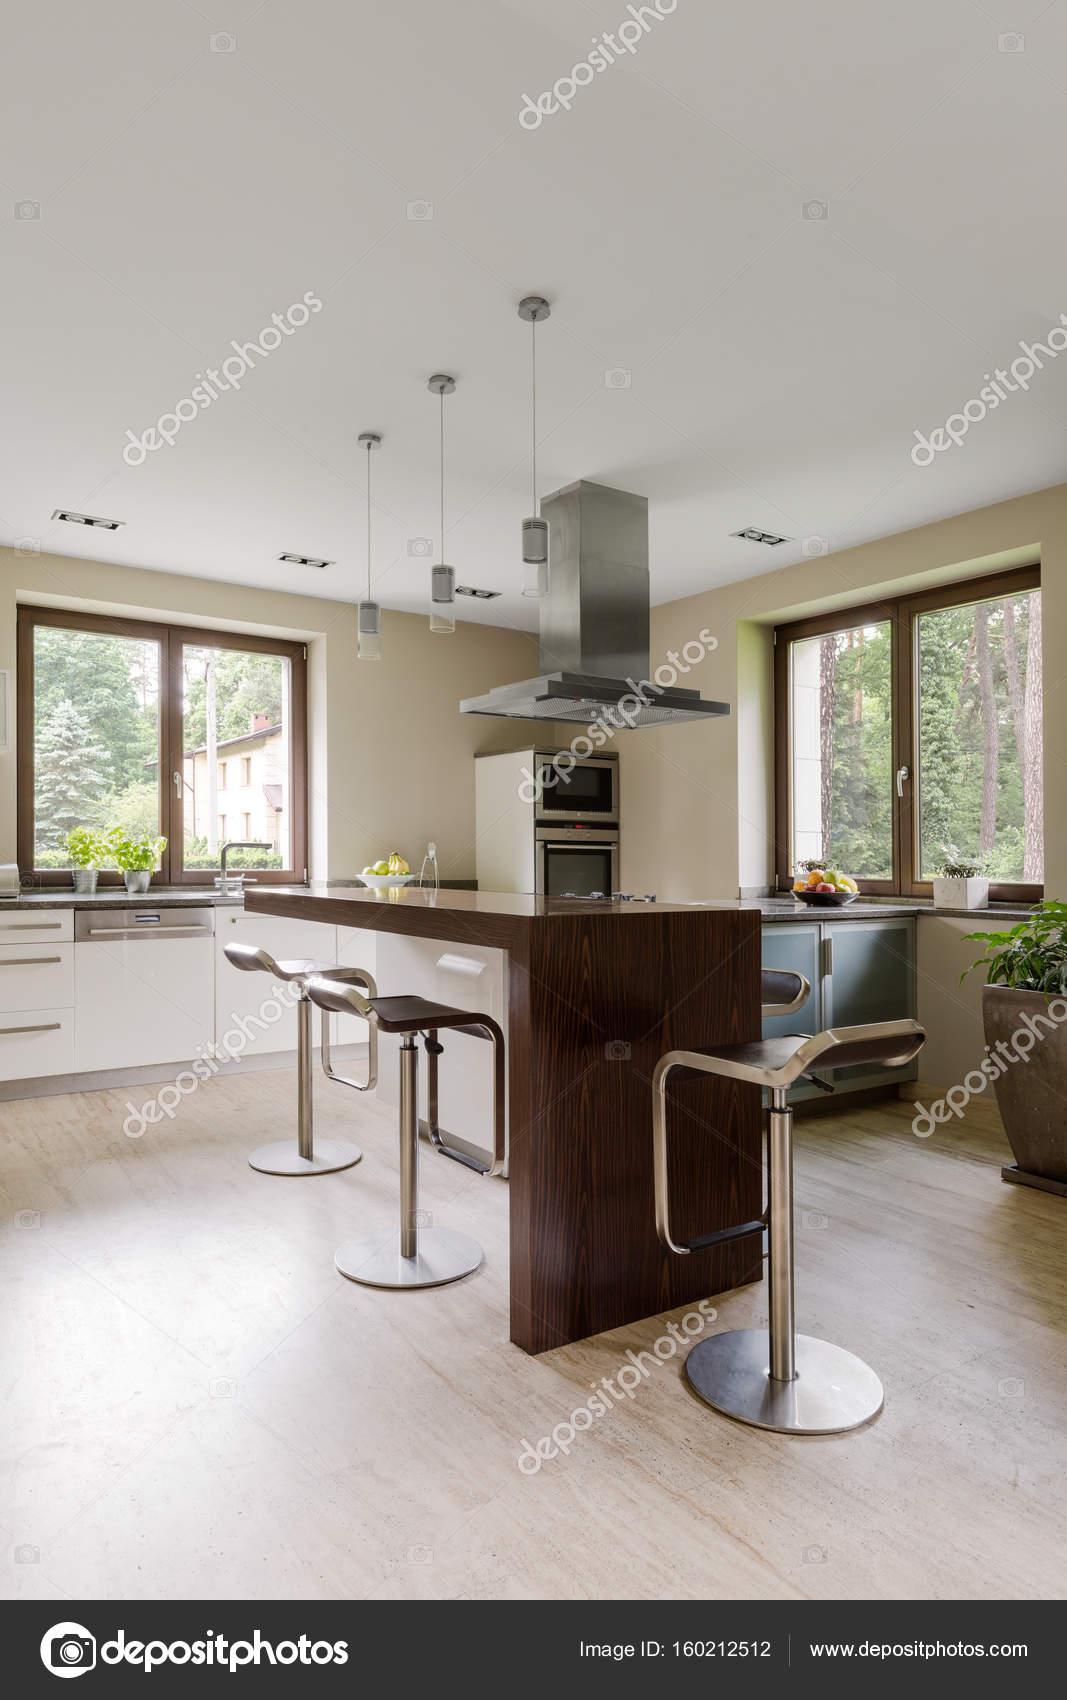 Hokers E A Ilha De Cozinha Interior Fotografias De Stock